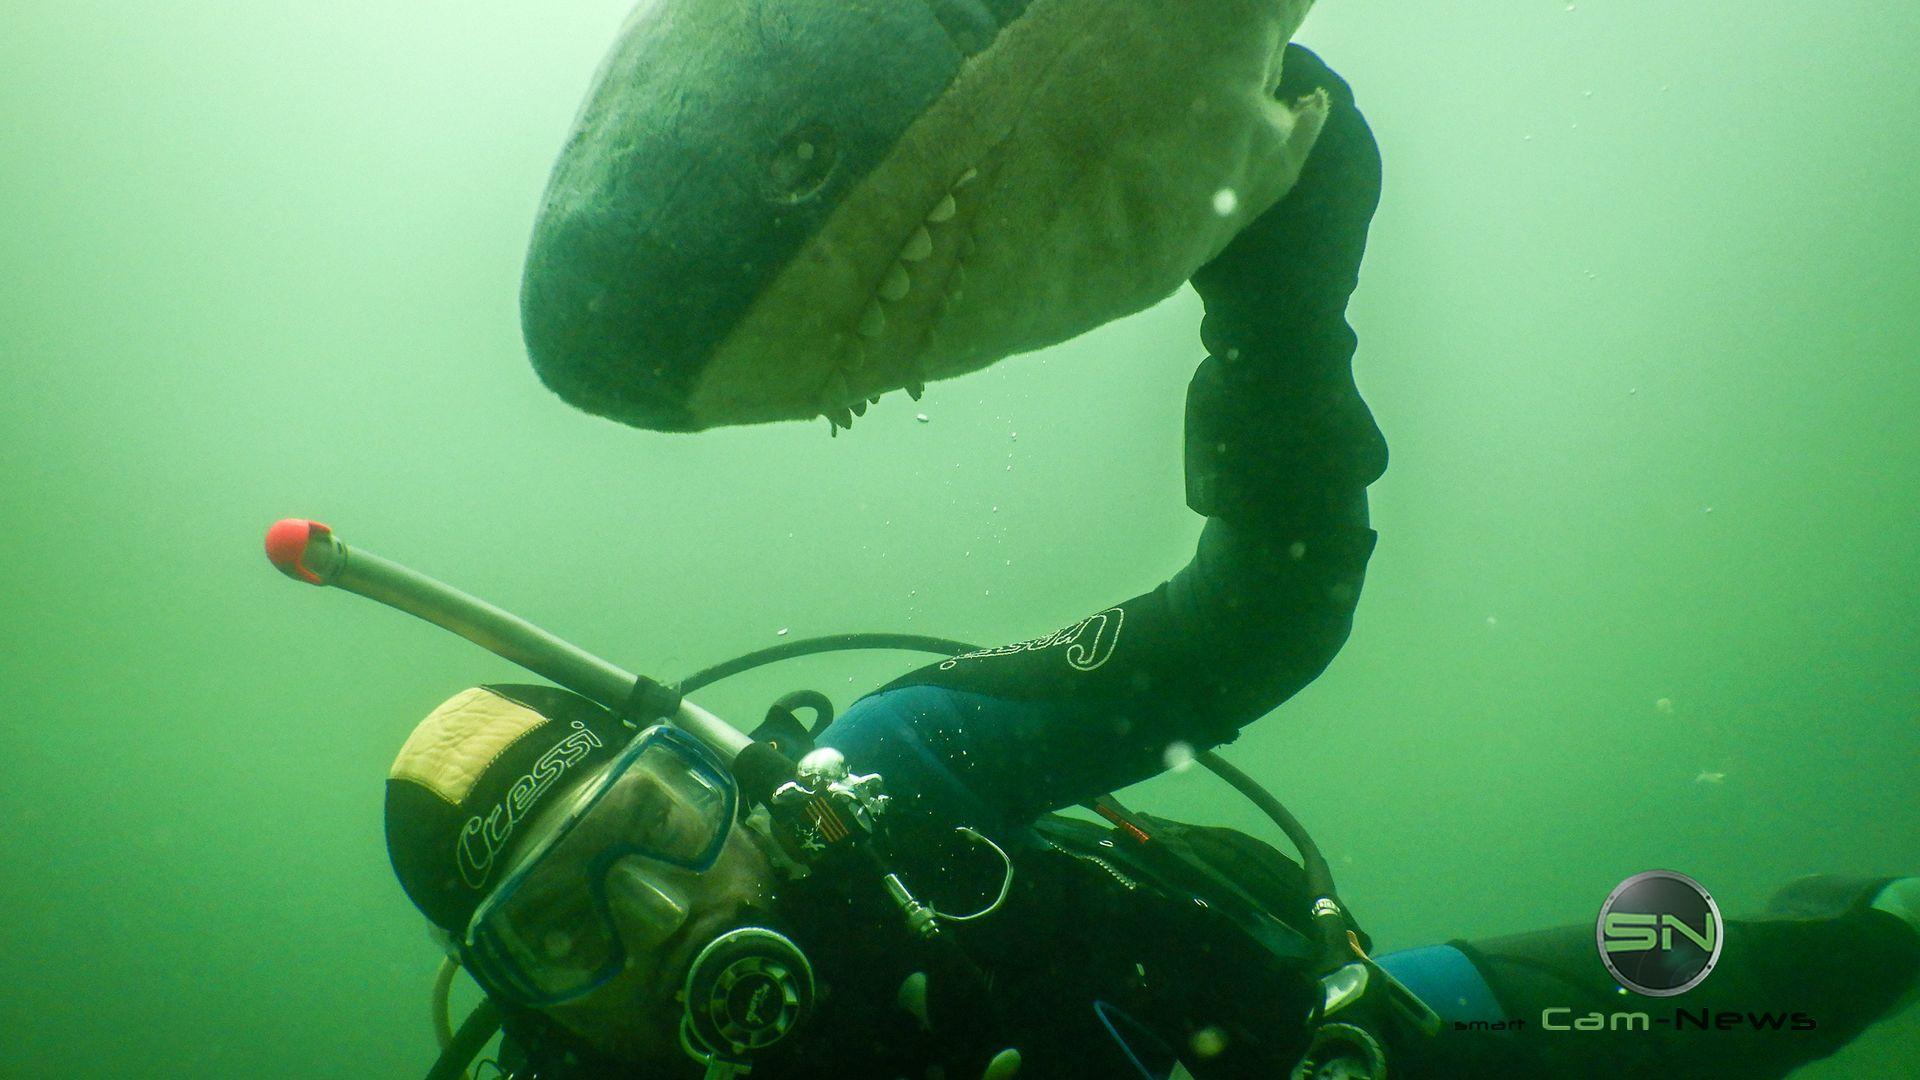 Hai Angriff - Achensee SETFUN SmartCamNews - Nikon W300